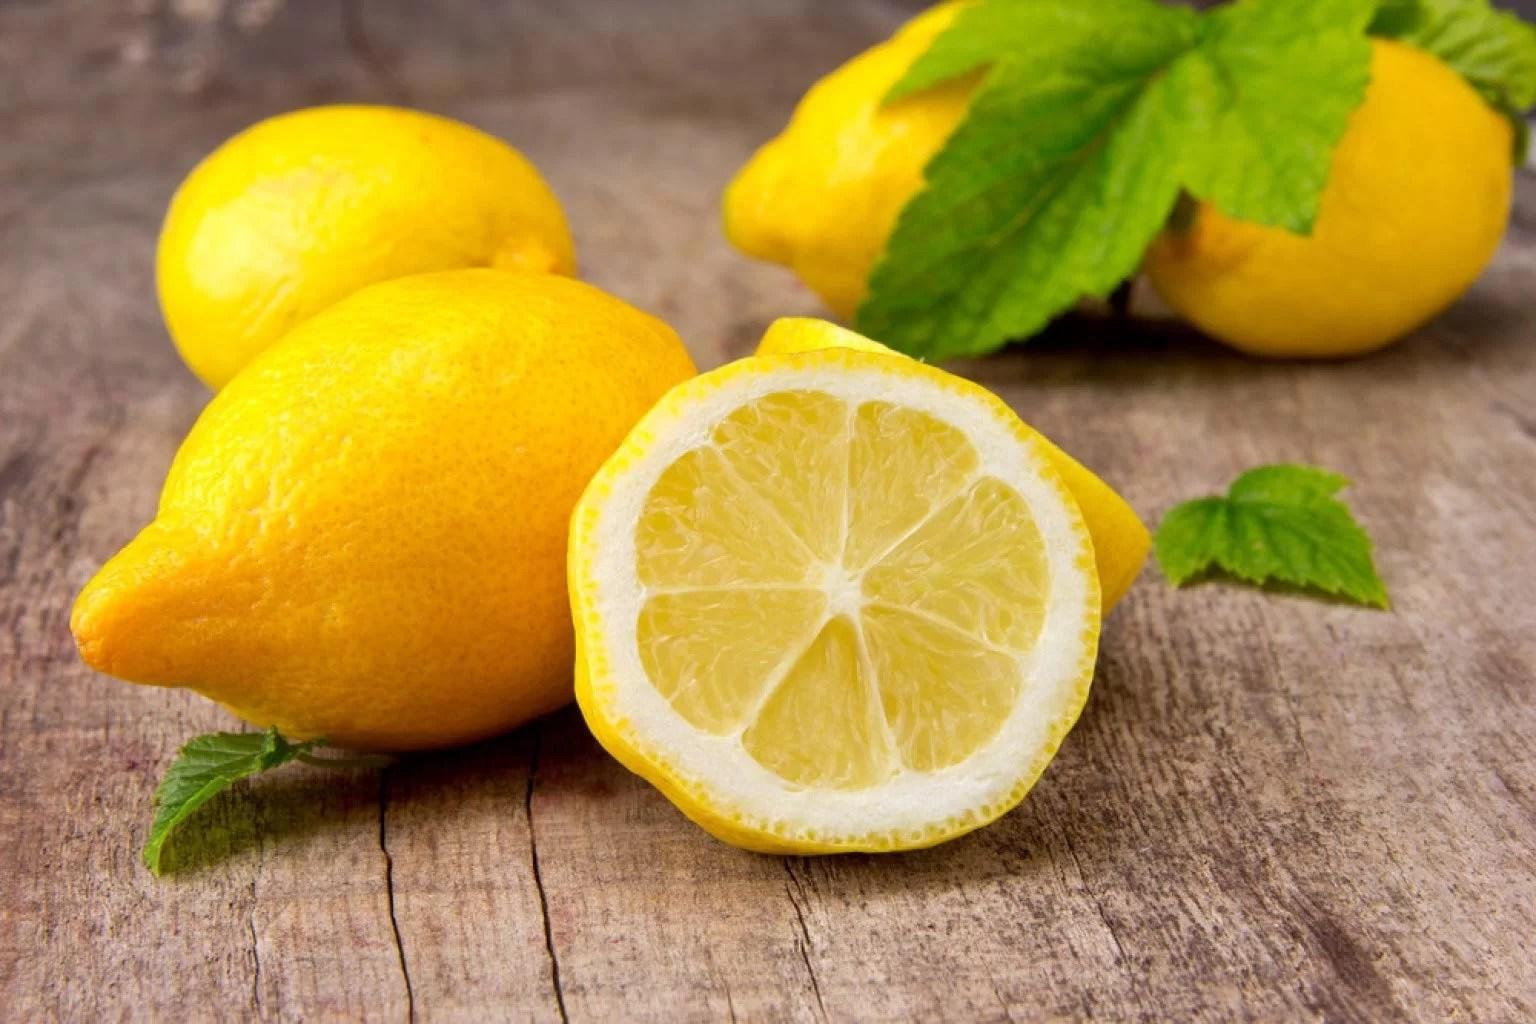 kokie vaisiai naudingi sergant hipertenzija)